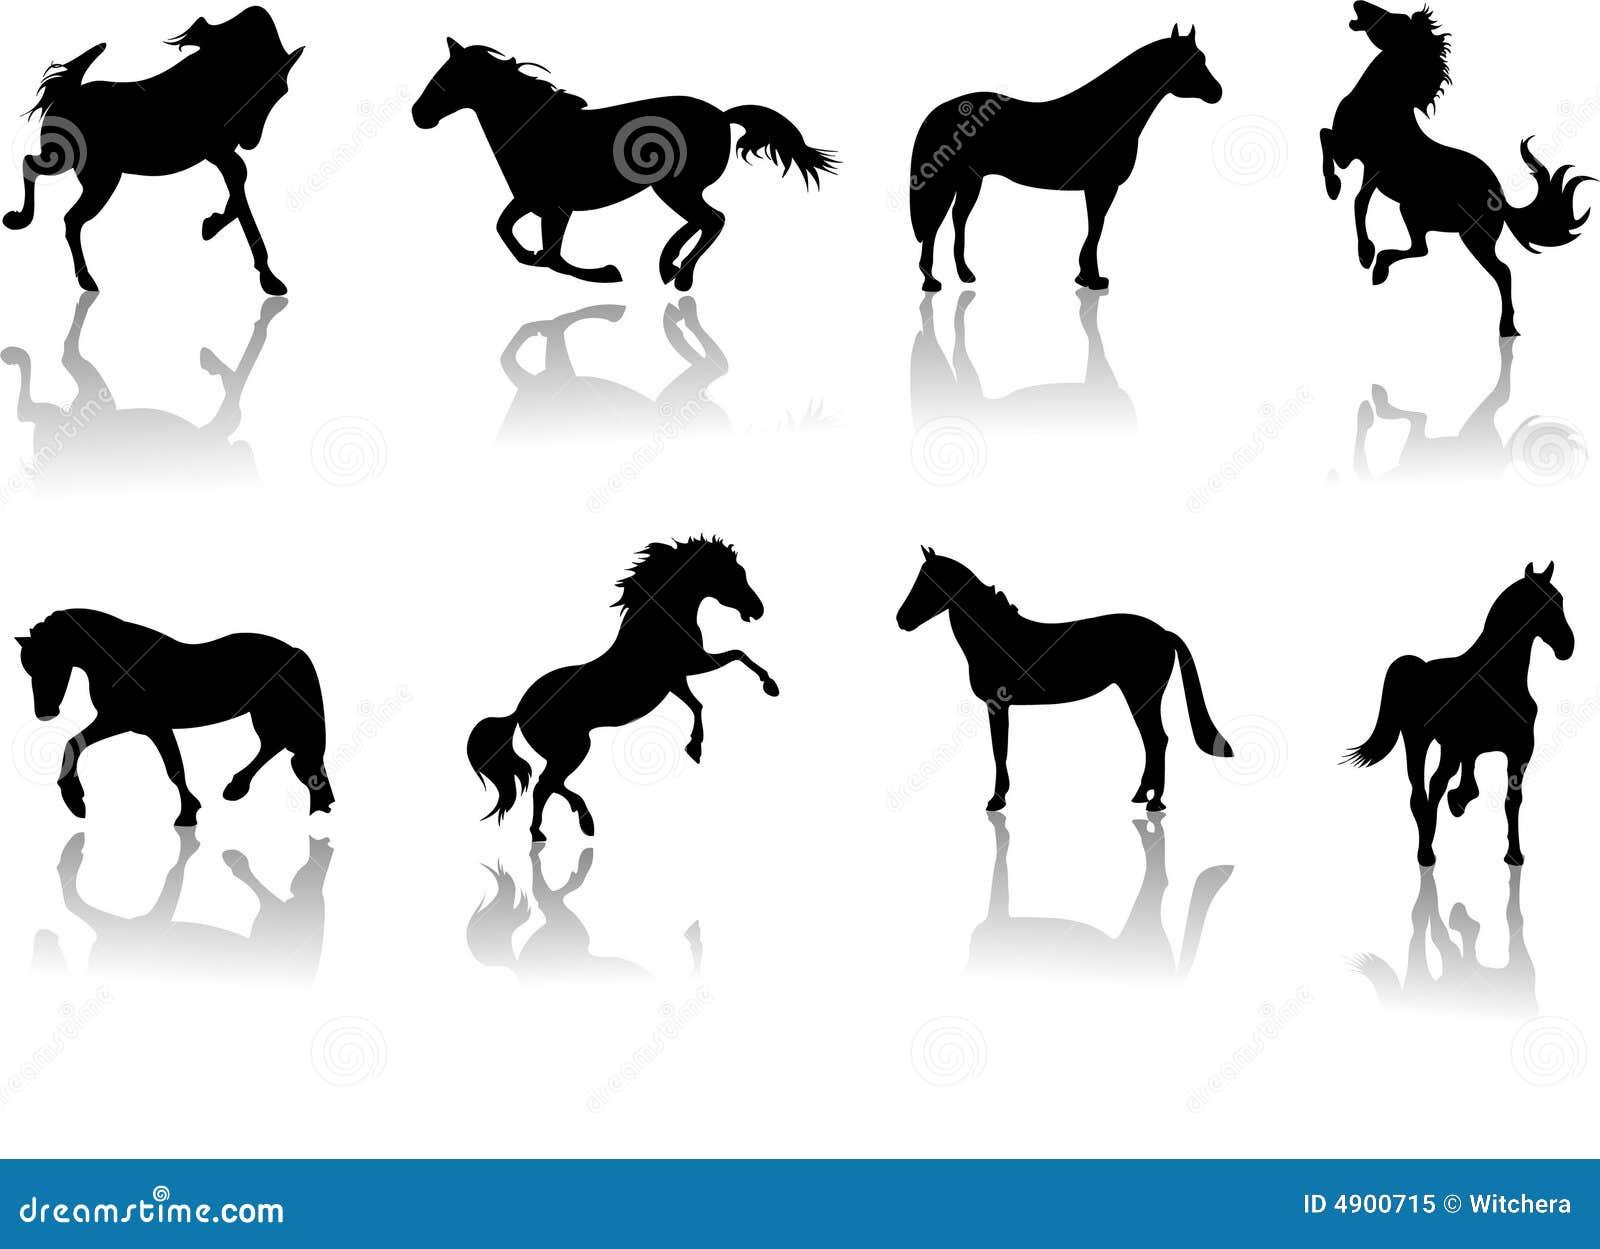 Pferdequiz Kostenlos